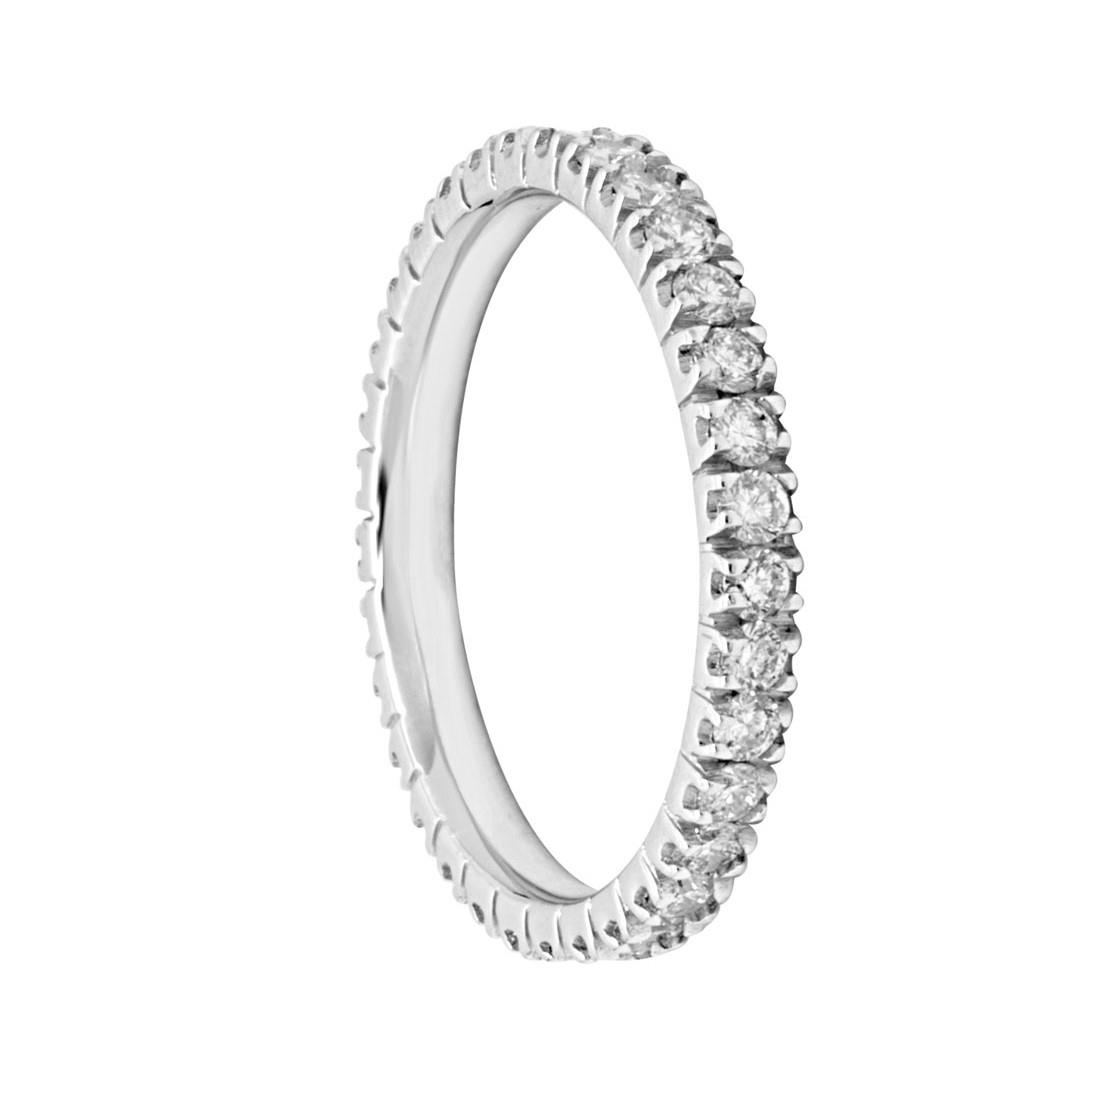 Anello in oro bianco con diamanti mis 14 - ORO&CO